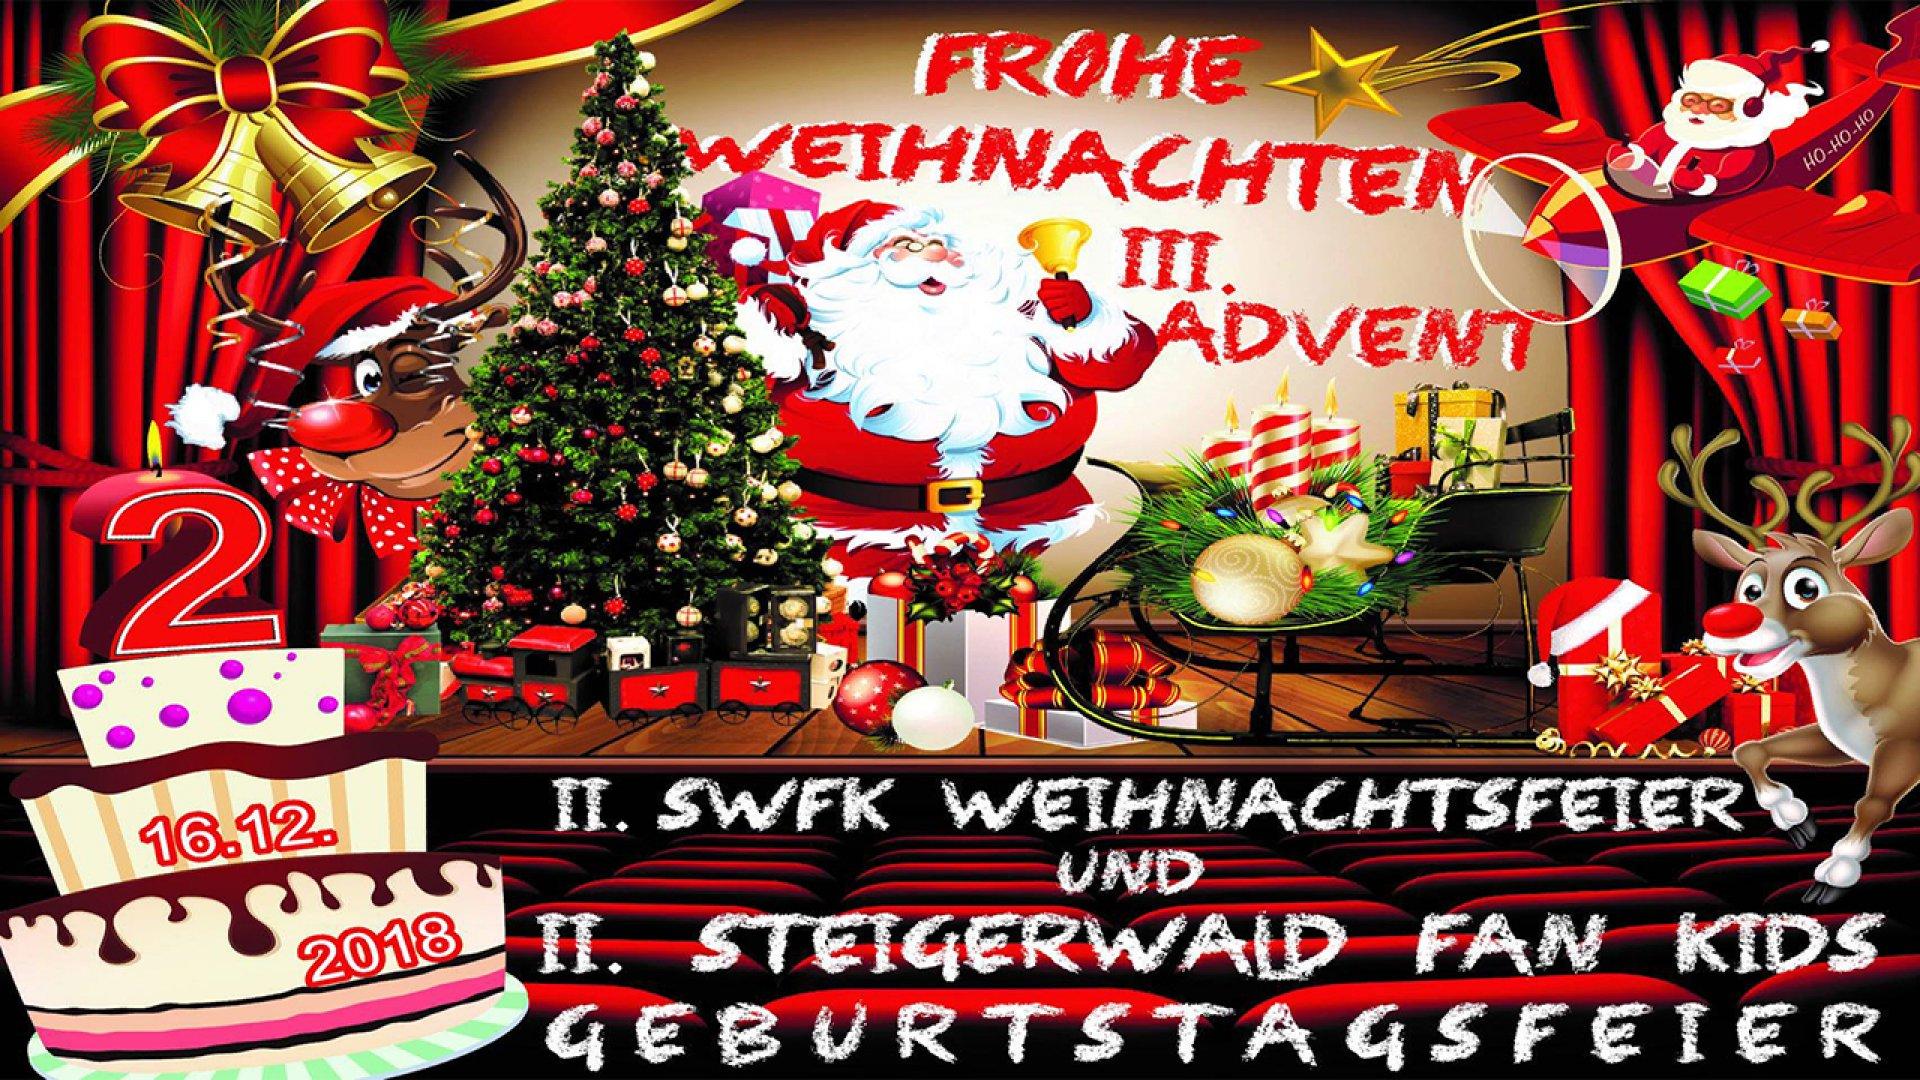 Weihnachtsfeier Erfurt.Swfk Weihnachtsfeier Abseits Kategorien Das Offizielle Tv